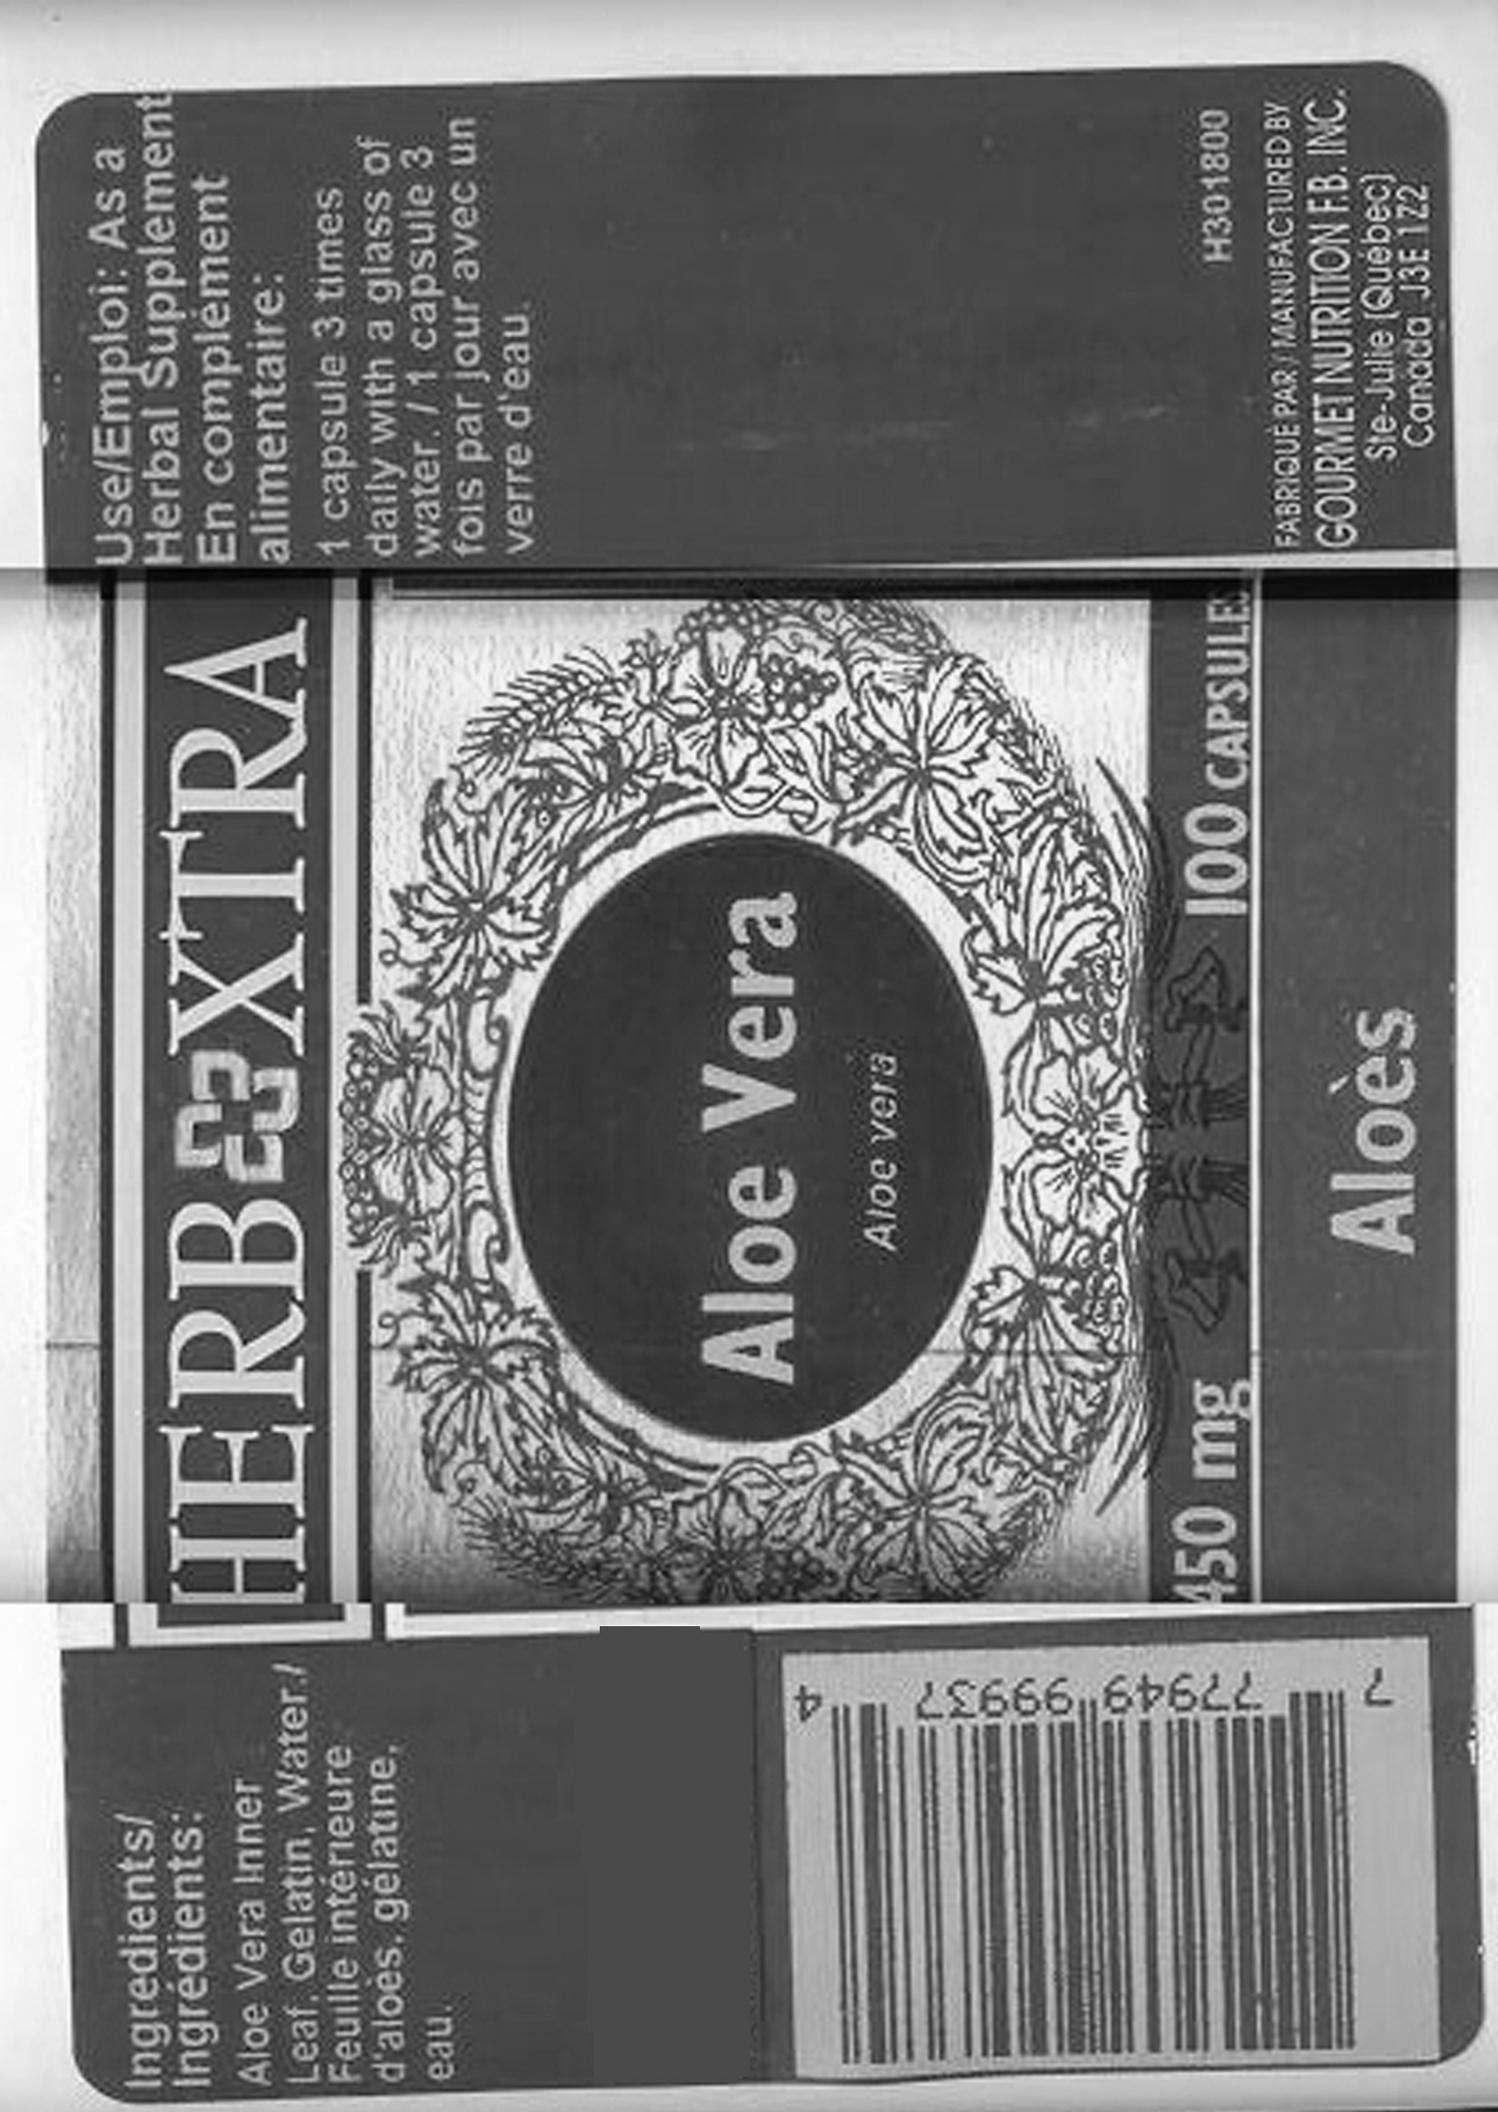 Aloe Vera - 450 mg - Label